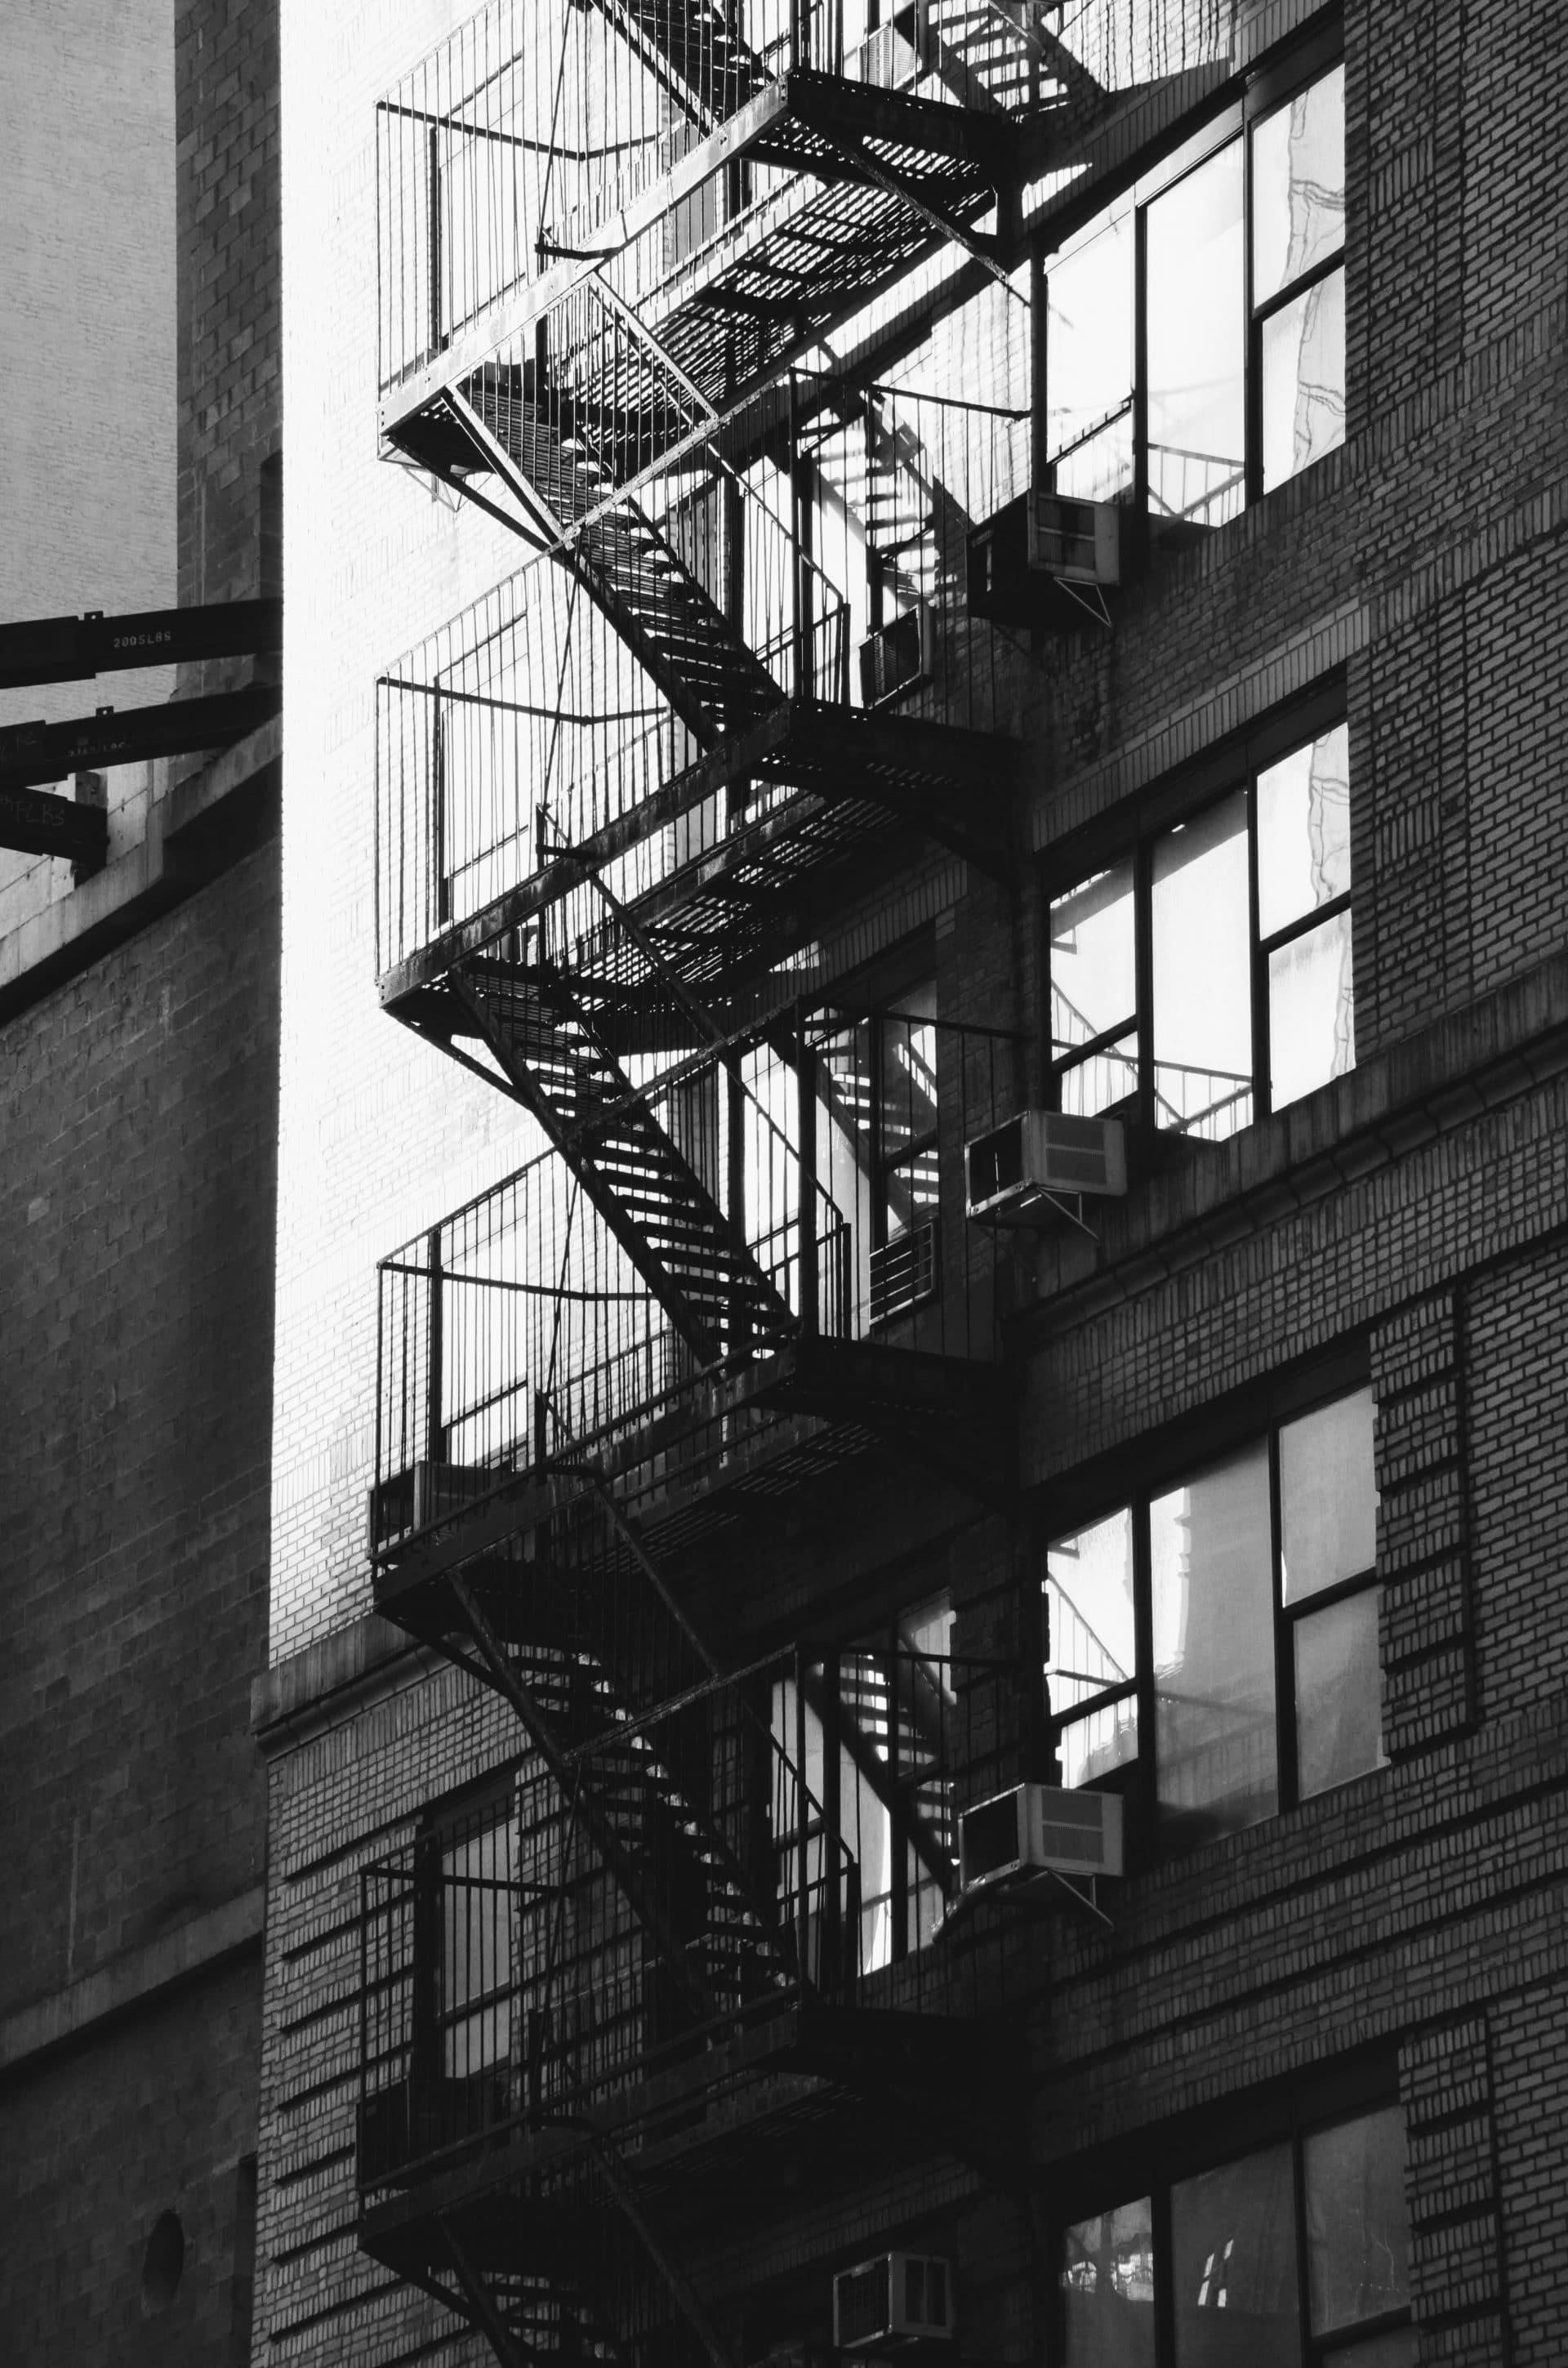 Les escaliers les plus connus du cinéma lors d'un week end à New York